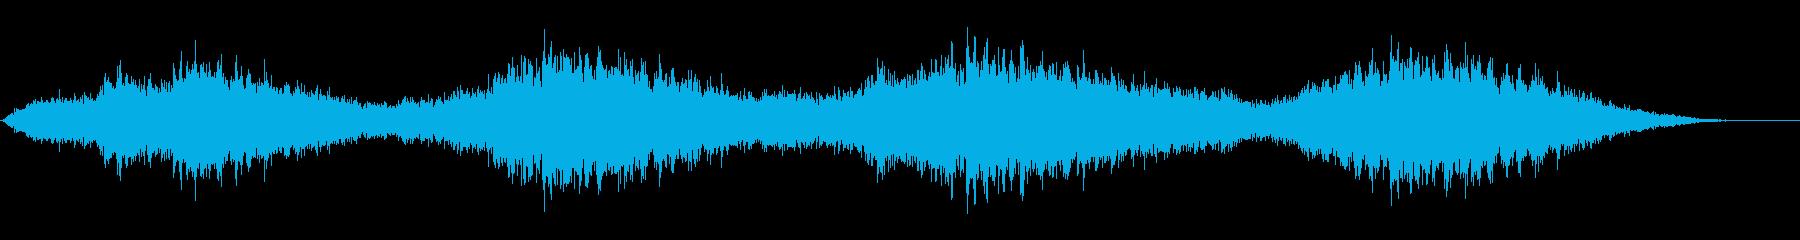 エスニックな雰囲気のアンビエントな音風景の再生済みの波形